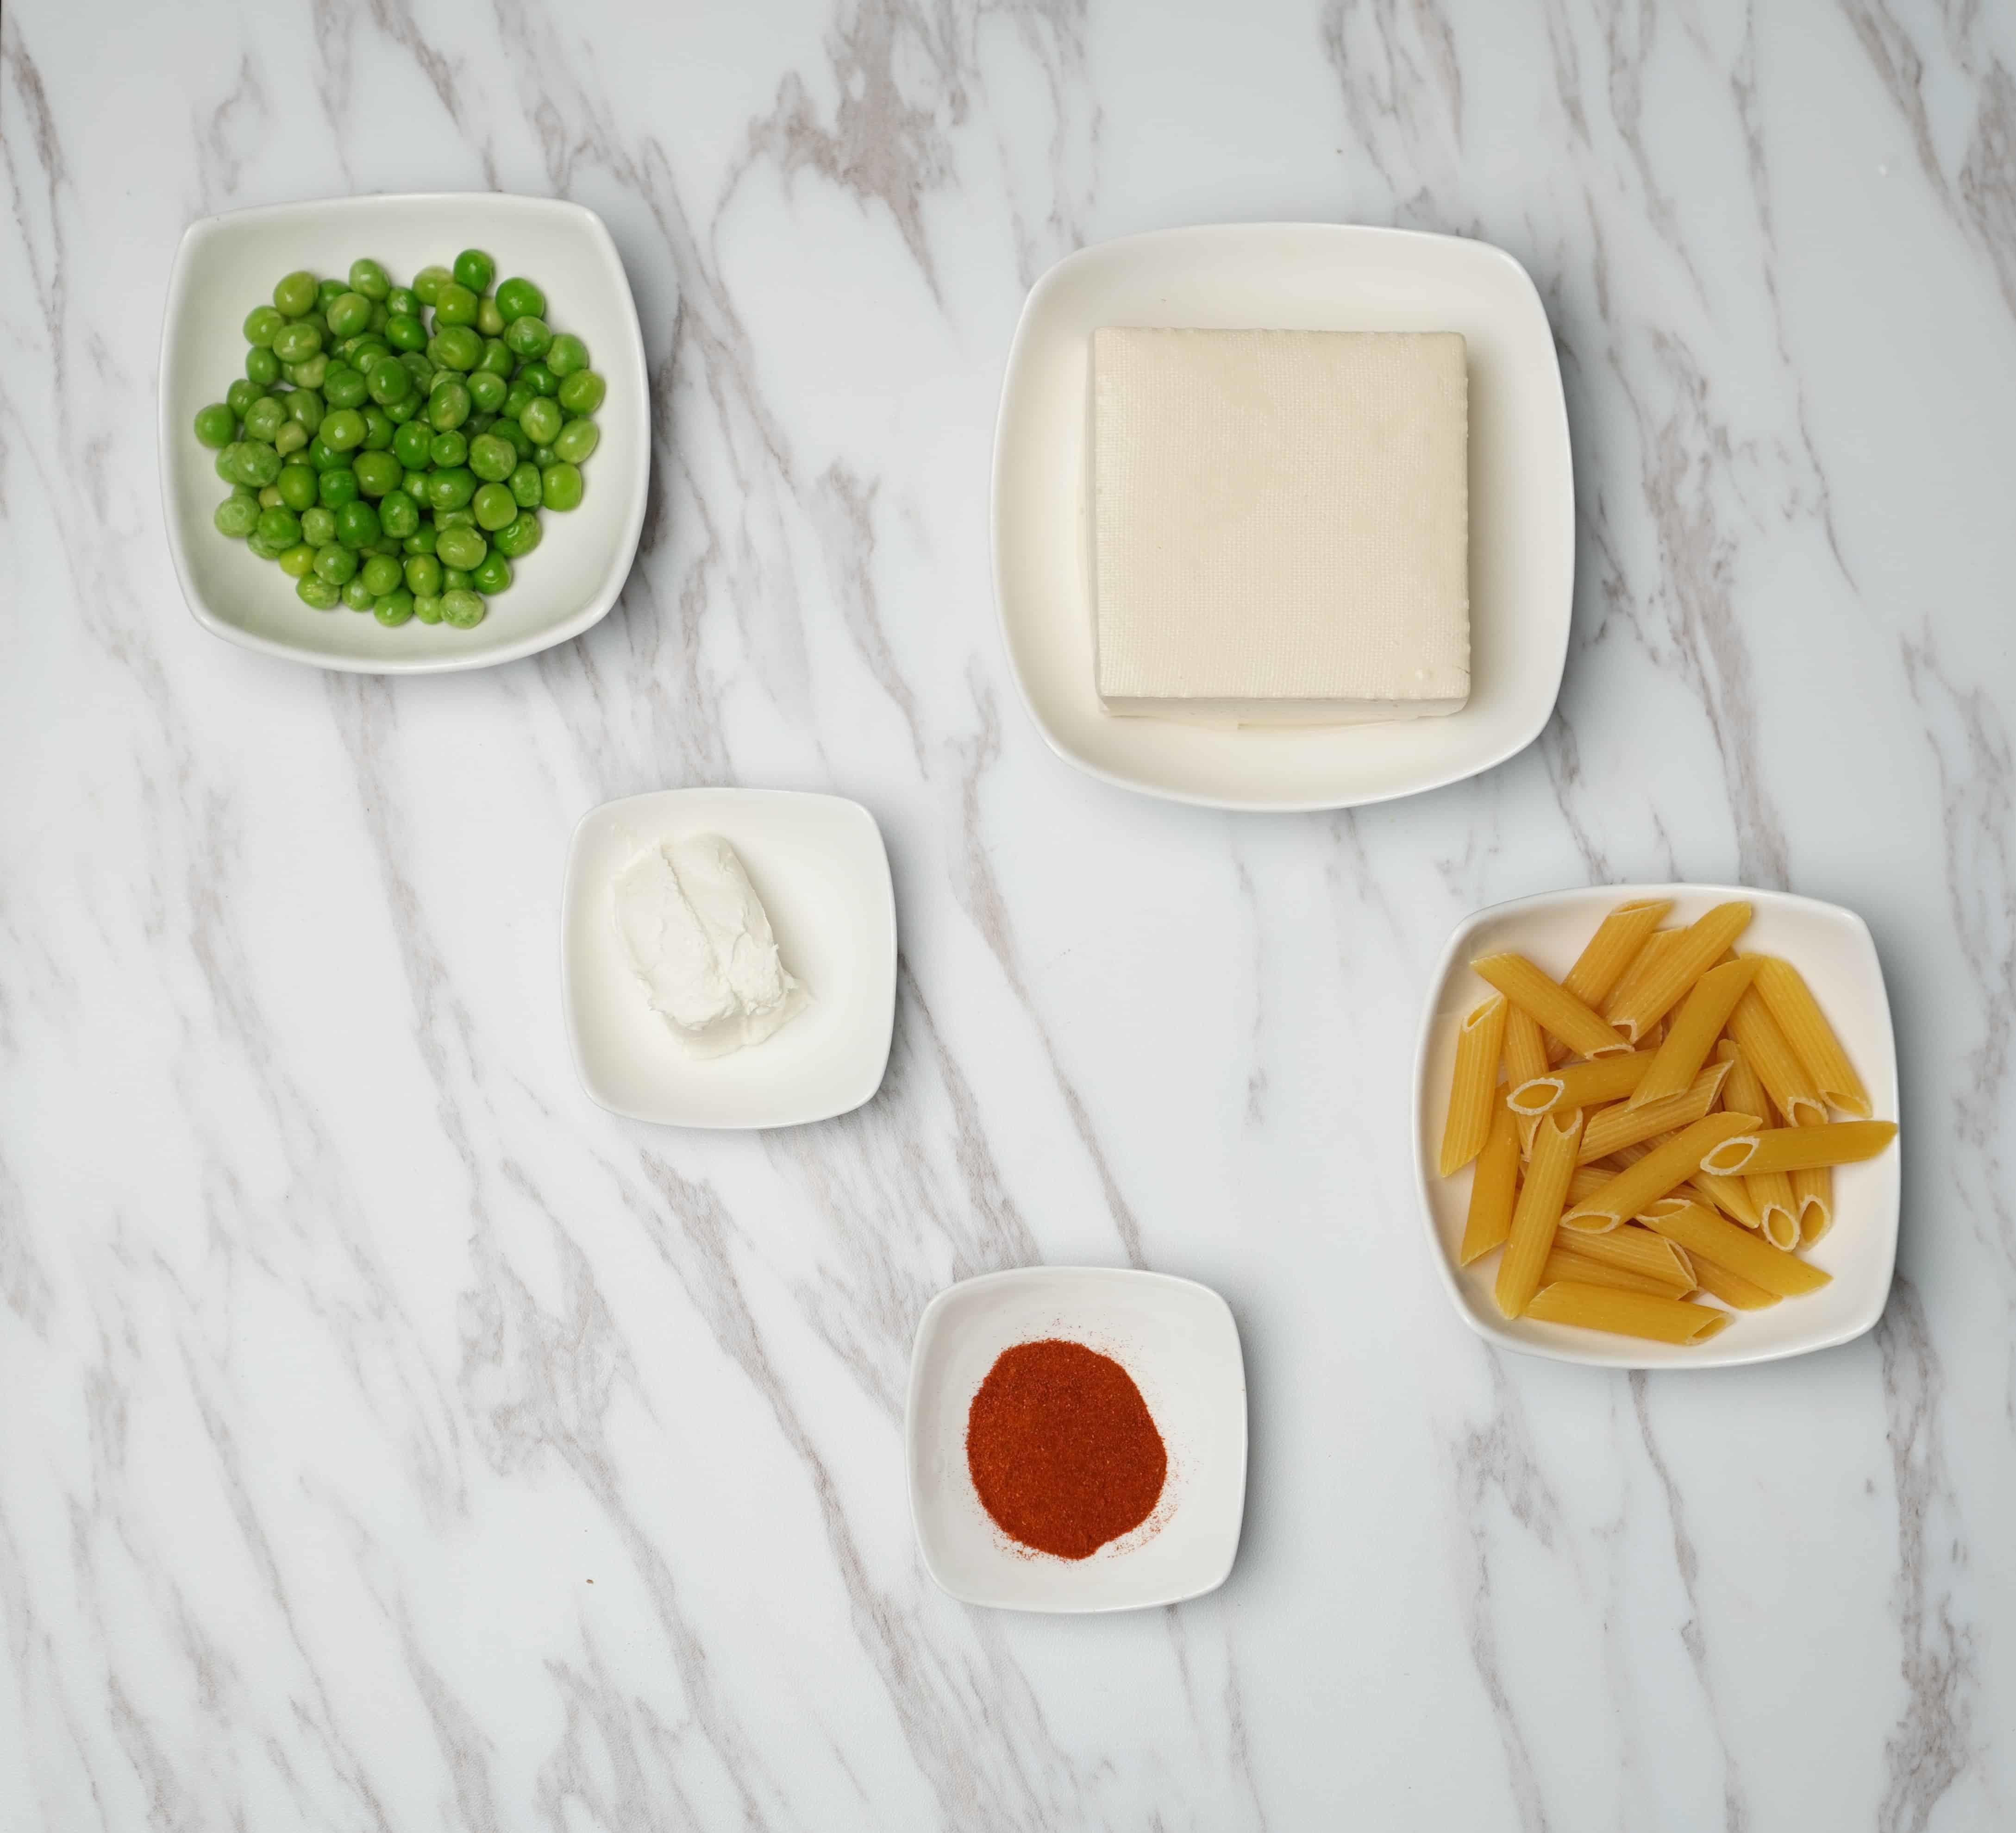 Creamy Peas & Spiced Tofu Penne (Vegetarian) - Ingredients - Cookin1